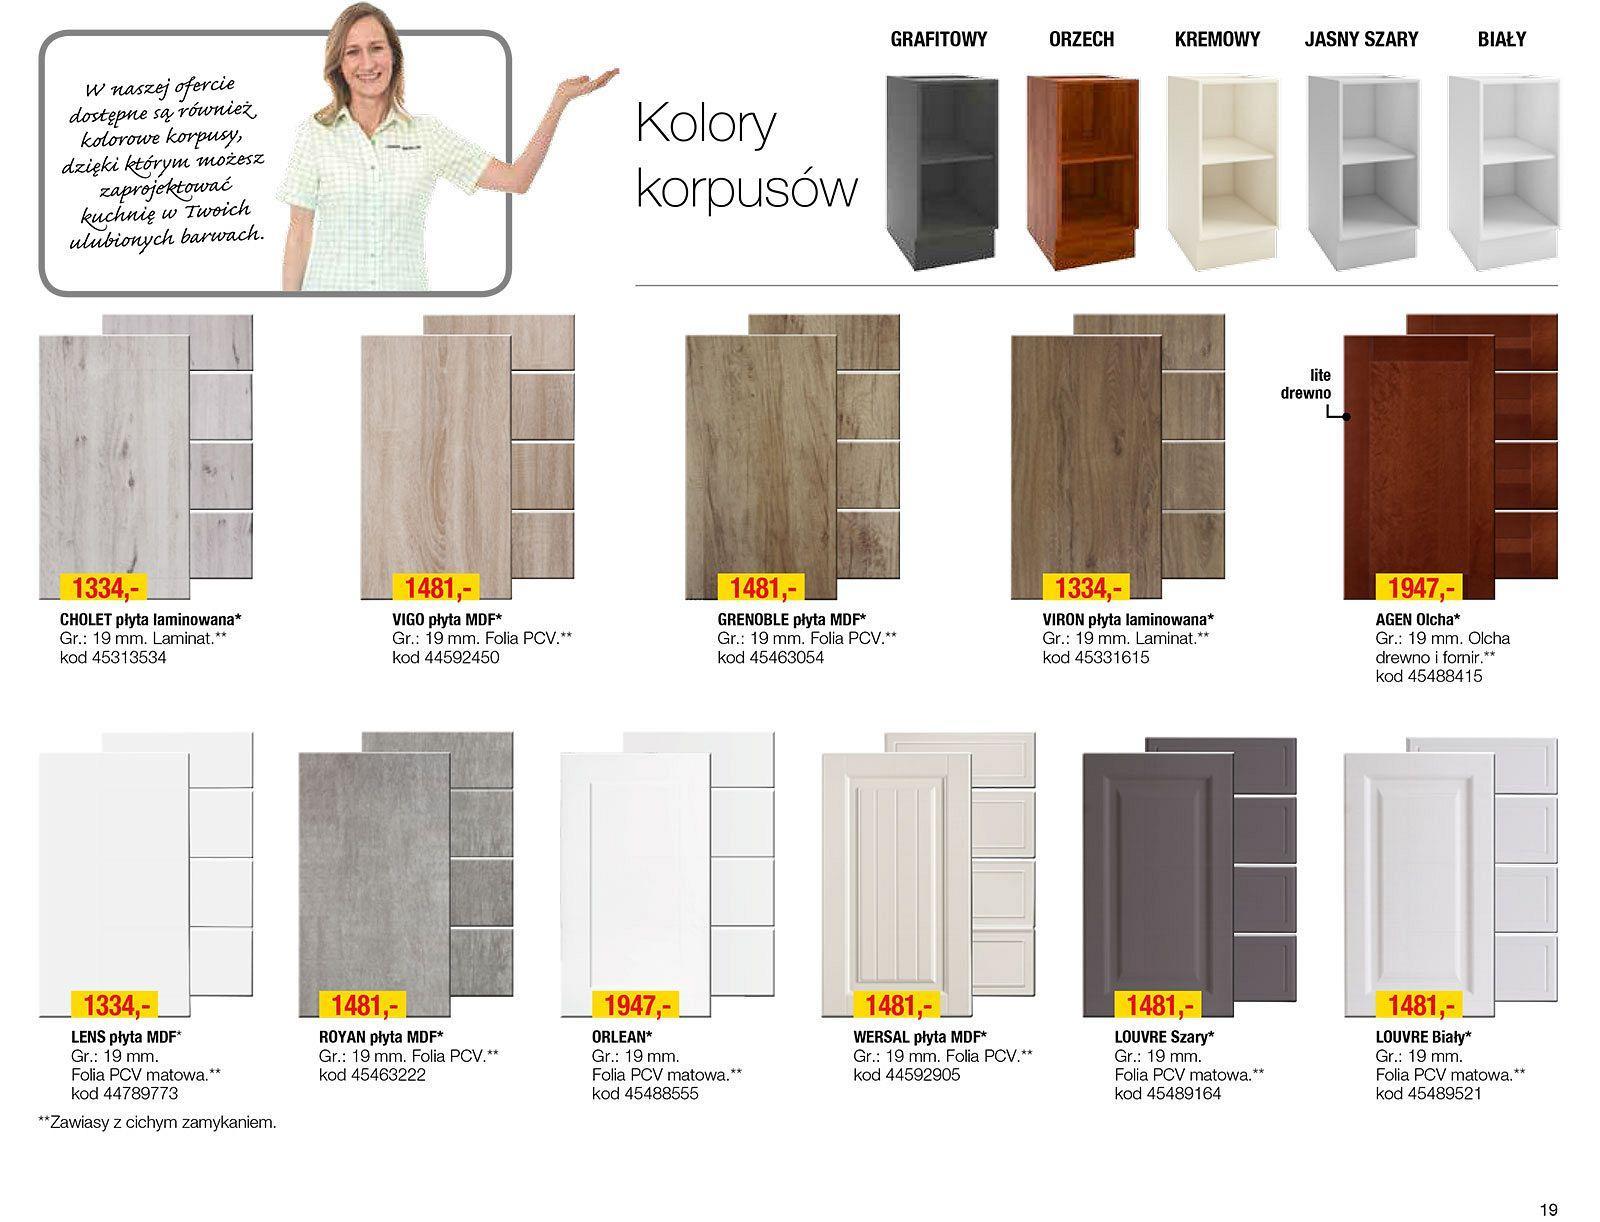 Gazetka Promocyjna I Reklamowa Leroy Merlin Katalog Kuchnie 2017